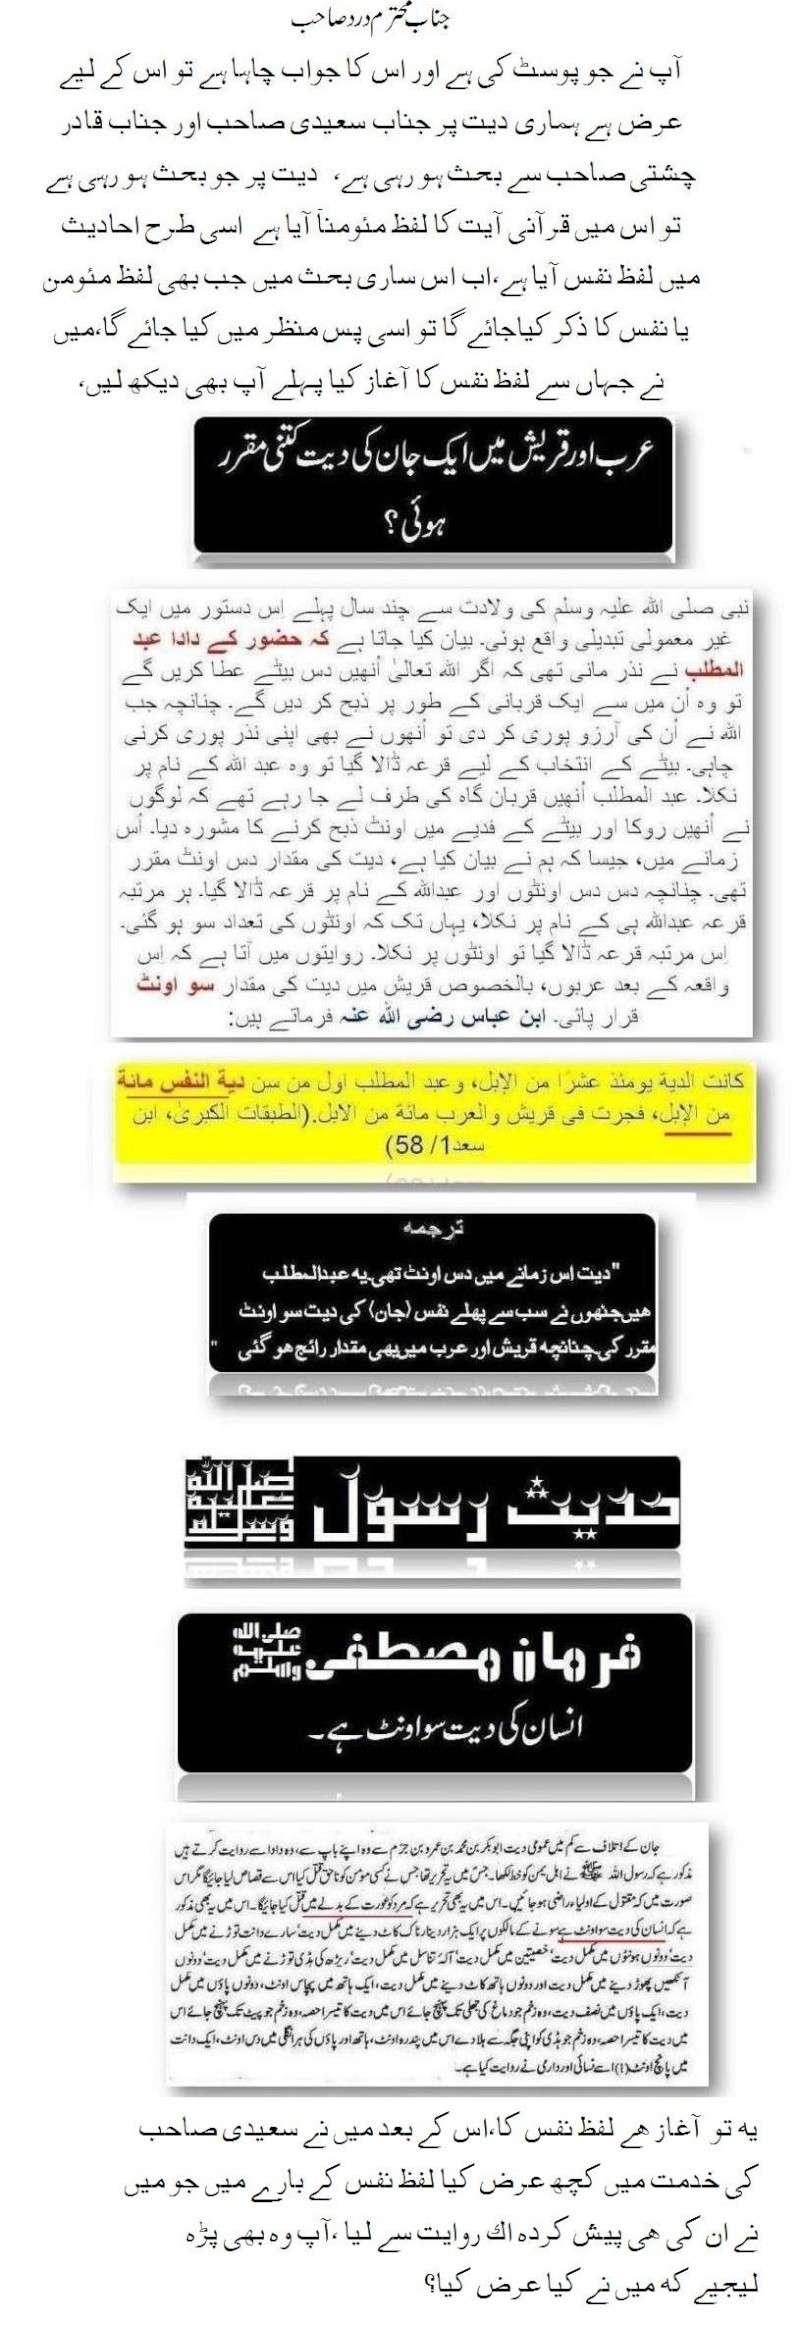 دیت کی جعلی فتوی فیکٹری پر منہاج القرآن کی فتح کا جھنڈا - Page 2 Post_118